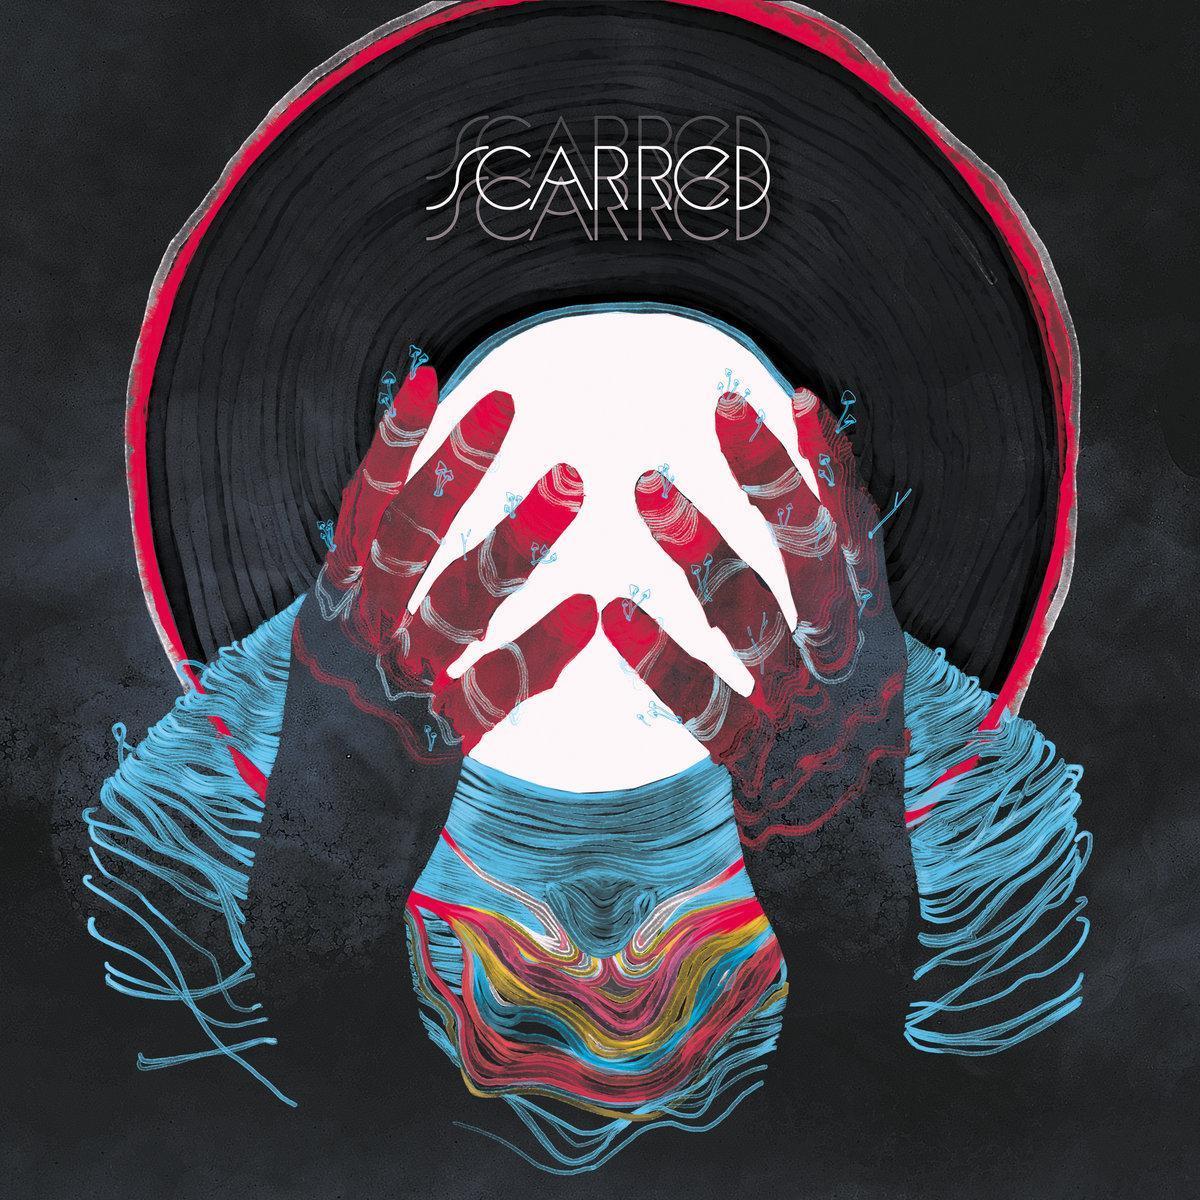 Chronique d'album : SCARRED (Death Metal et autres),